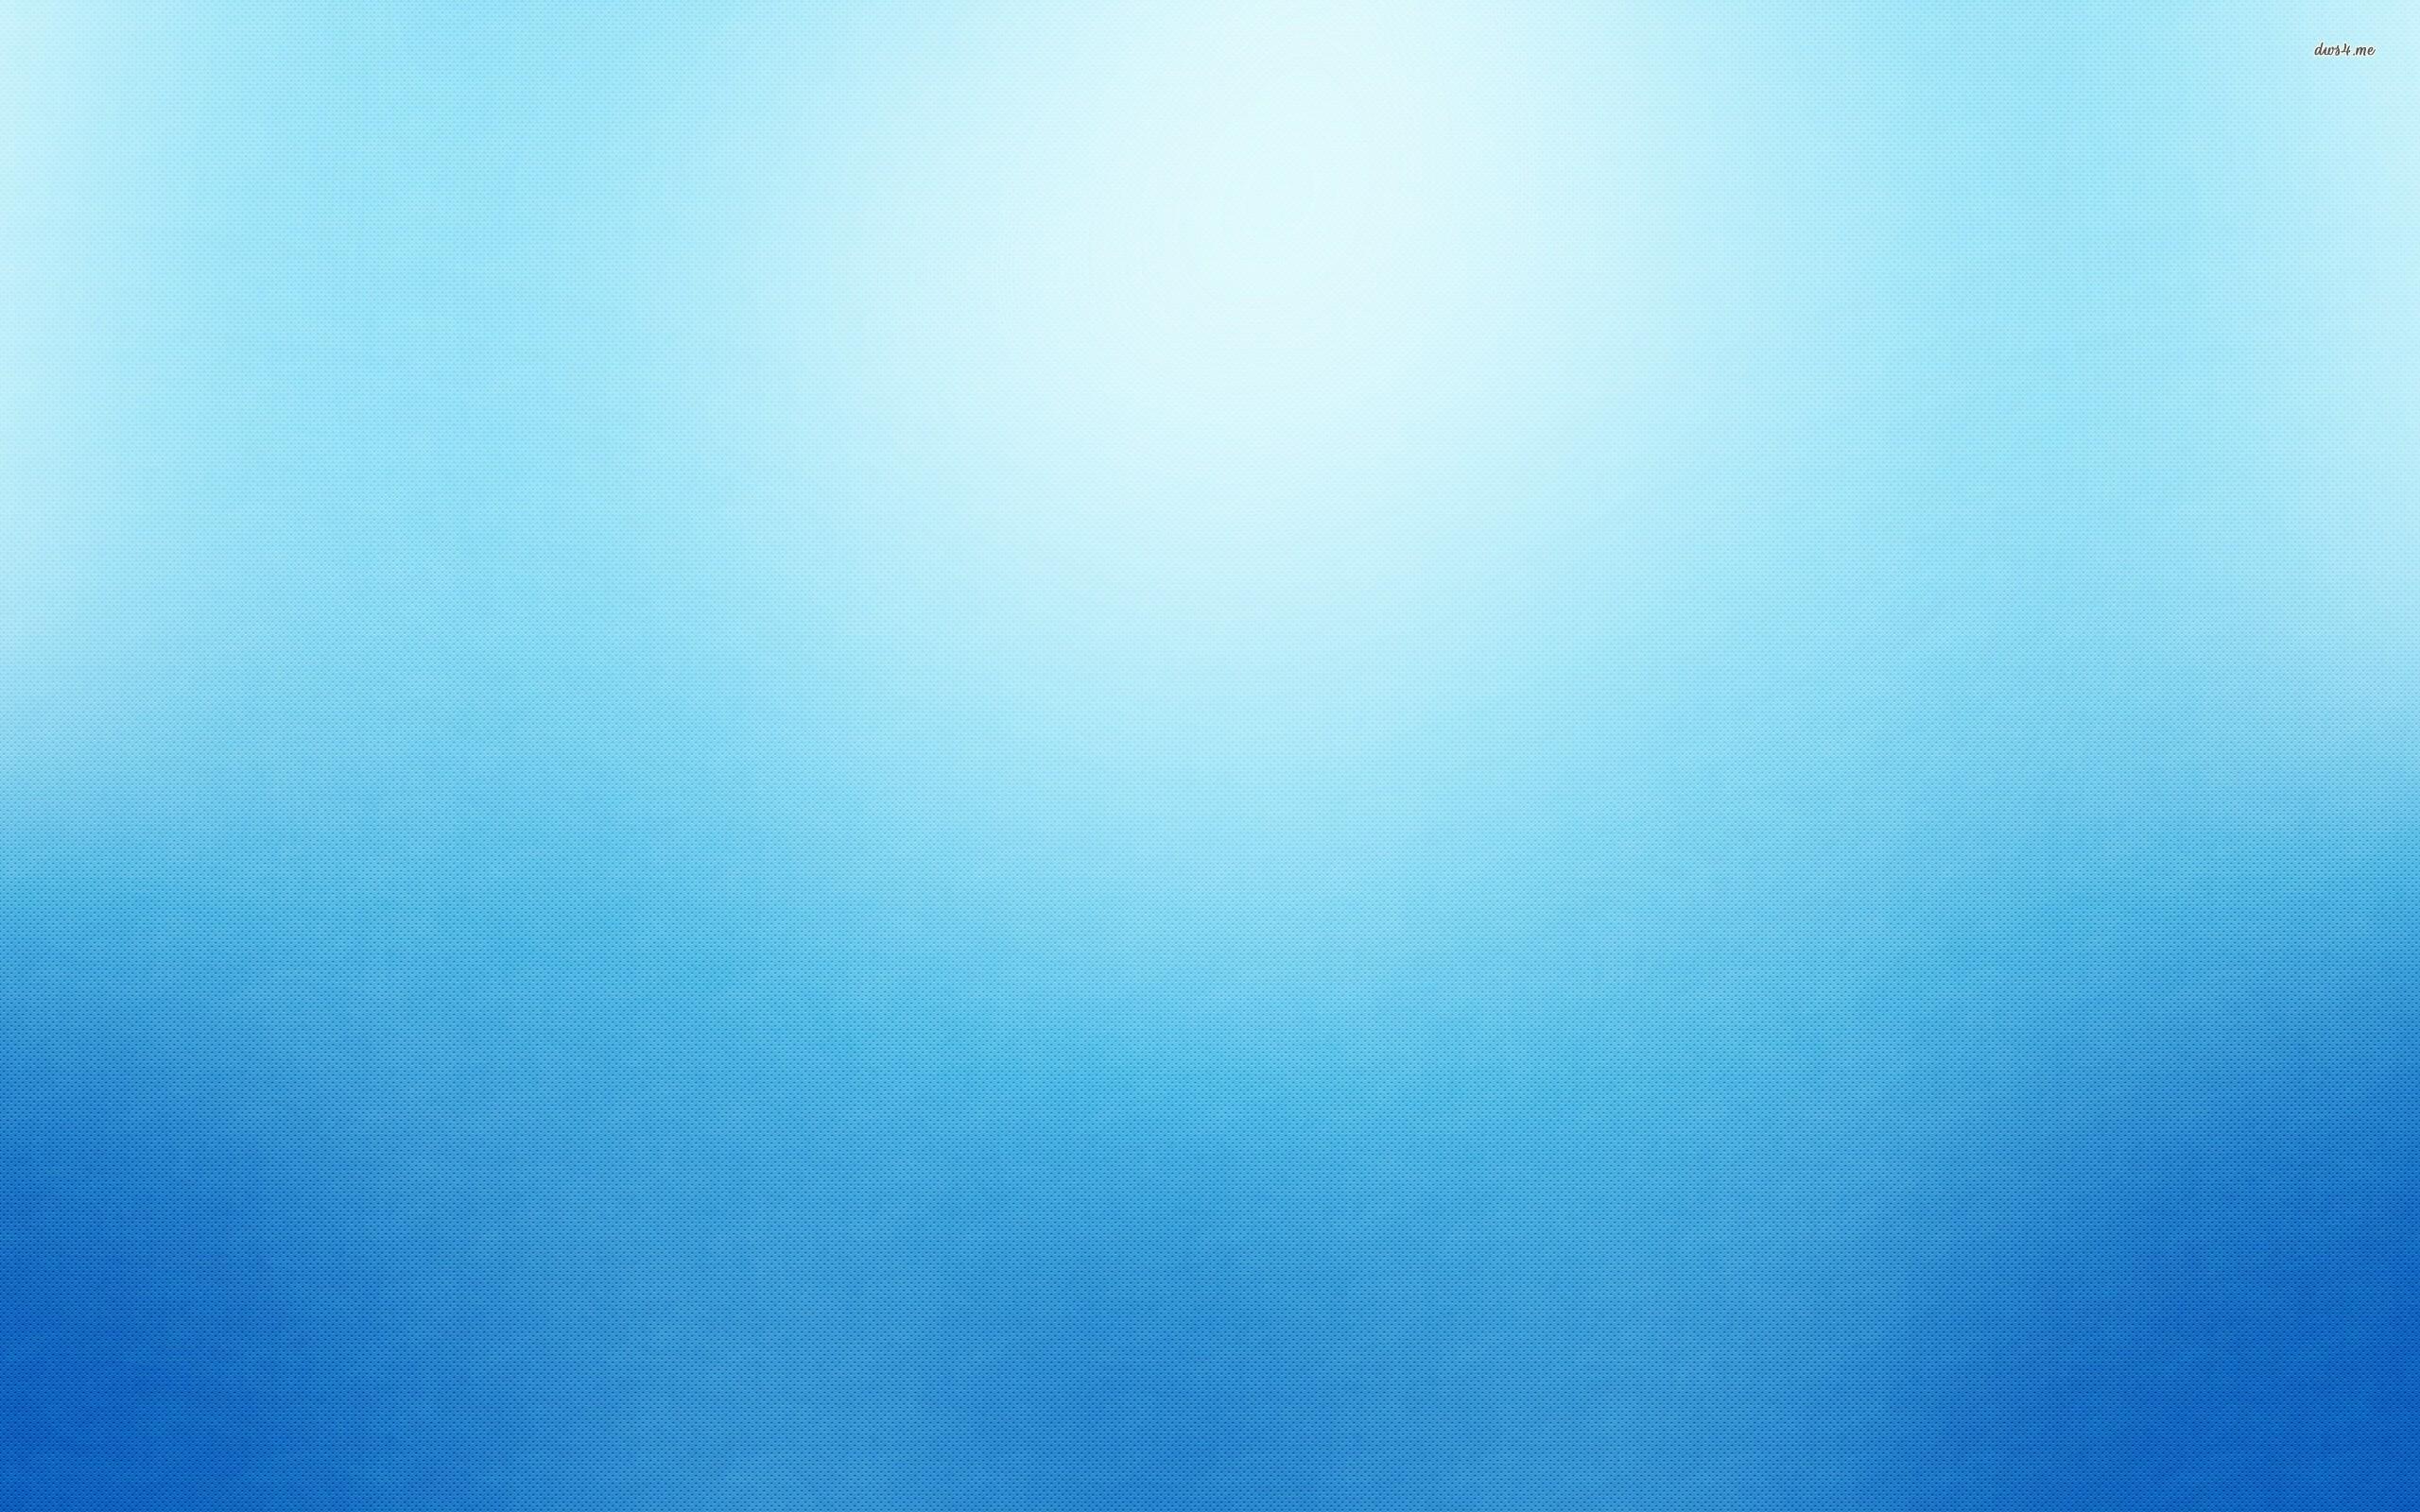 blue wallpaper high - photo #8